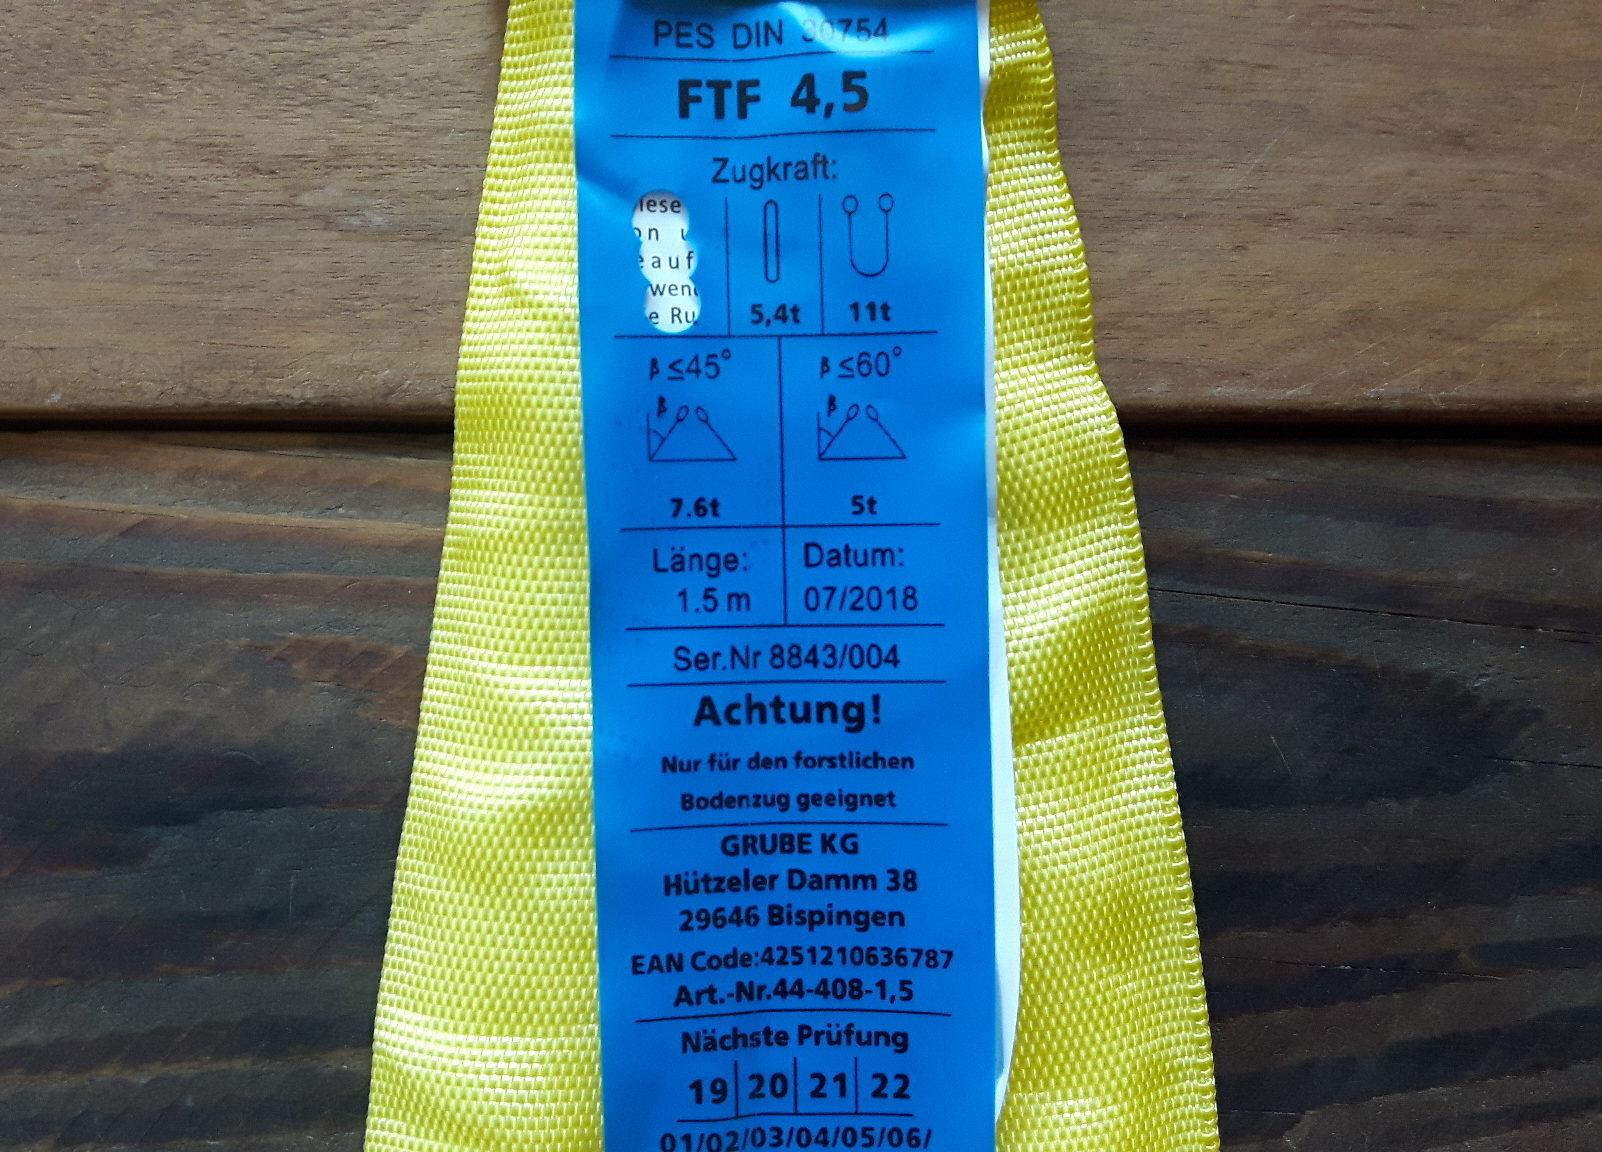 FTF - Ordentliche Kennzeichnung des Zugmaterials.